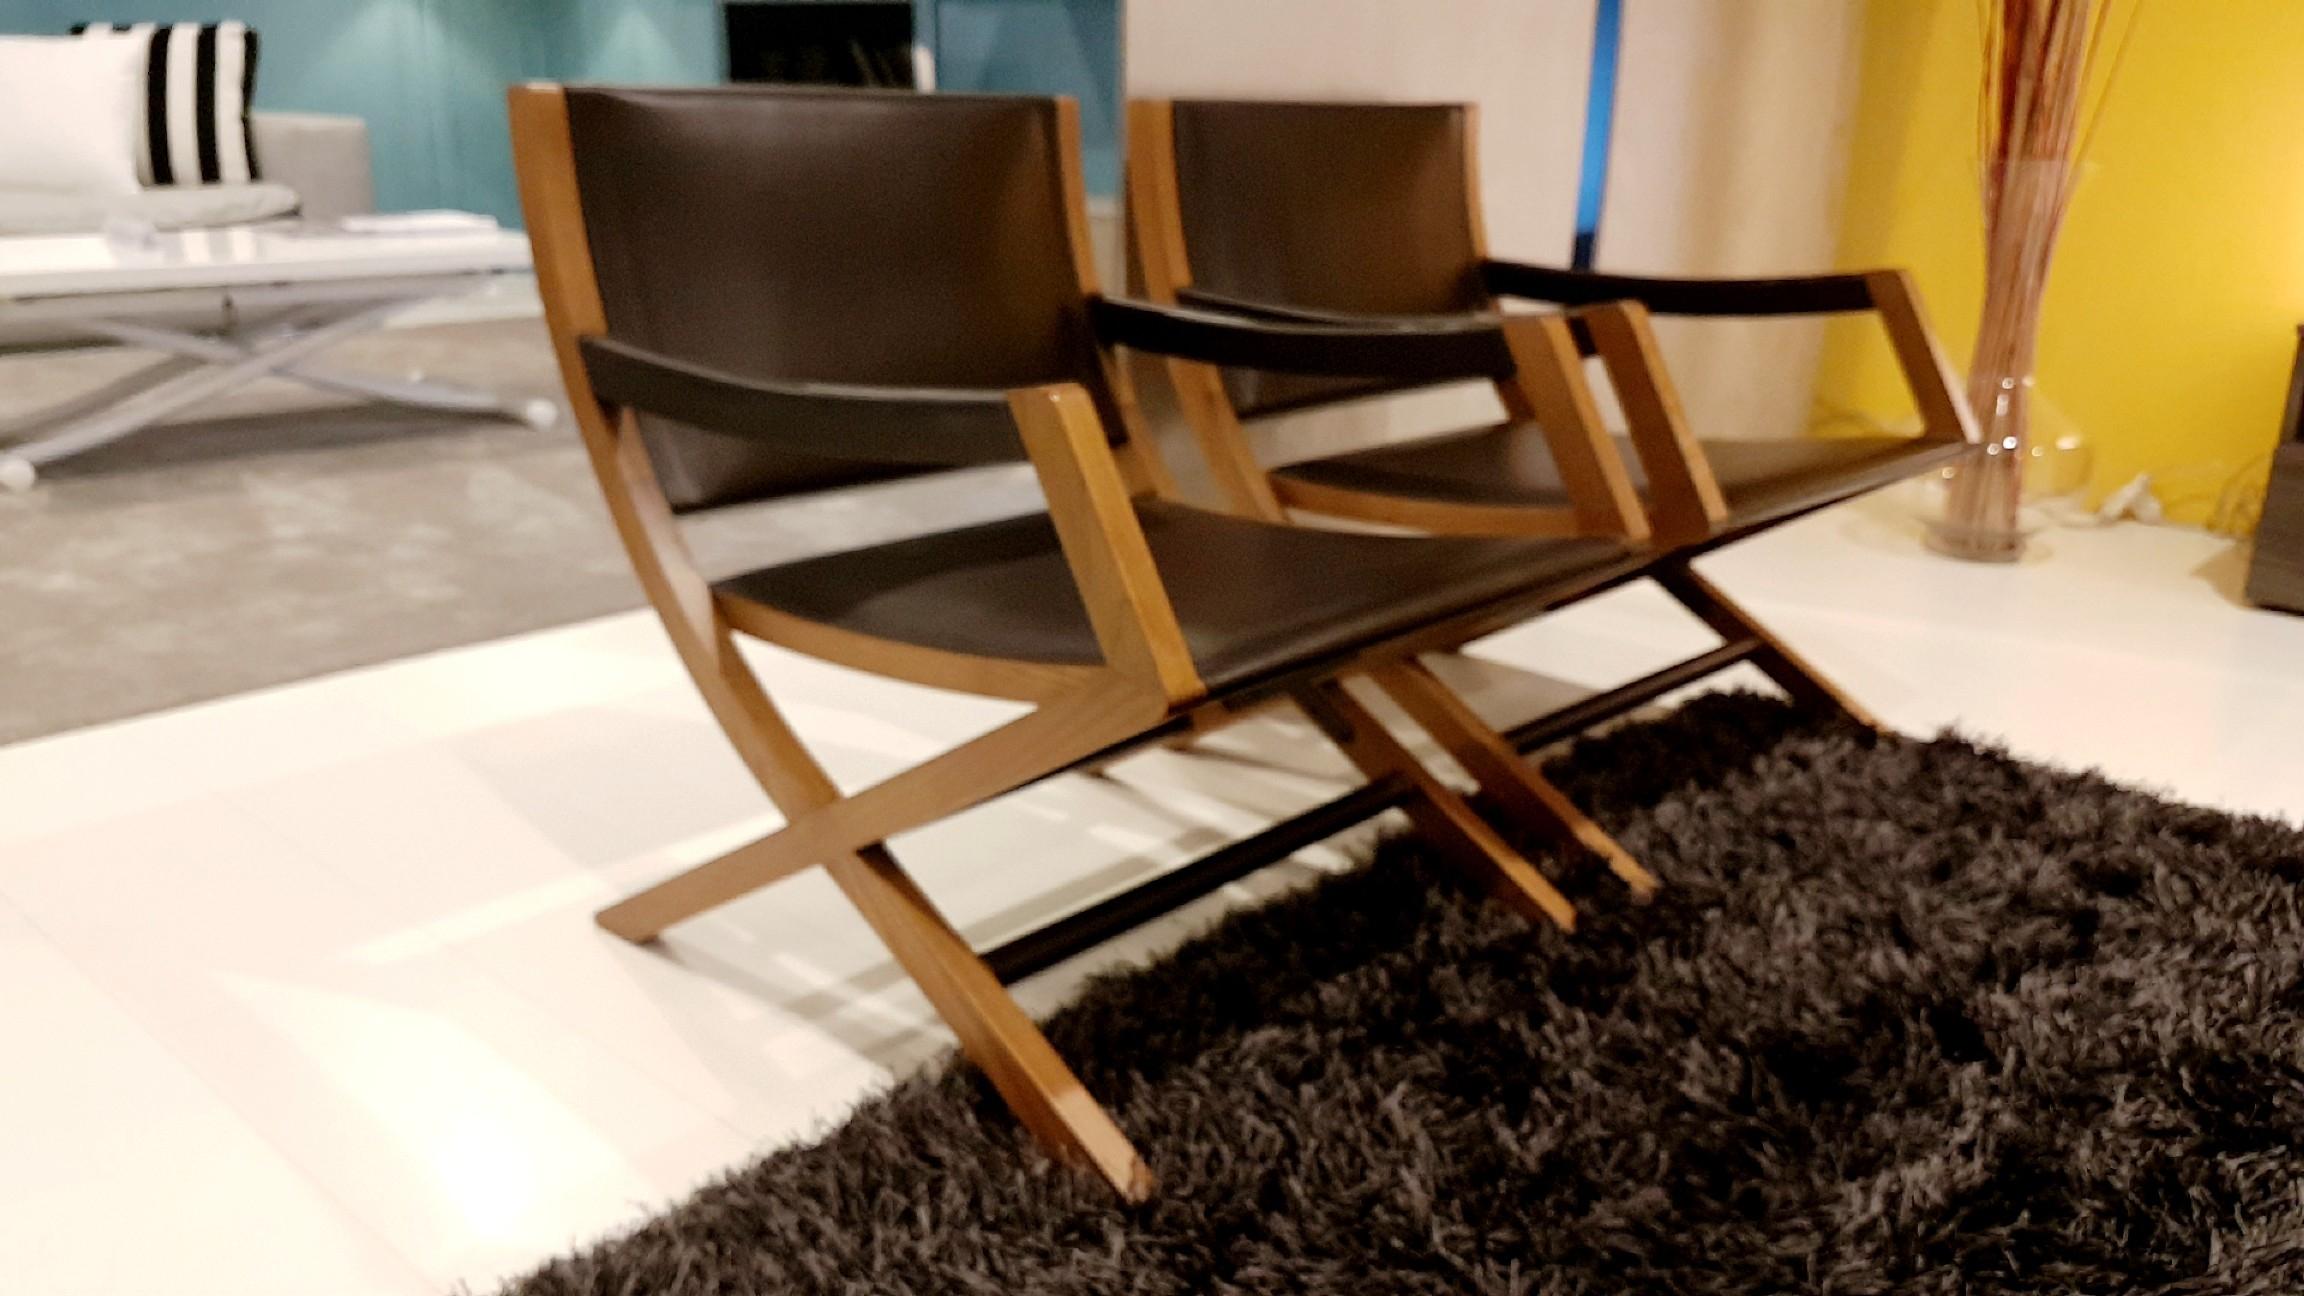 Poltrone flexform emily legno e cuoio scontate del 38 for Poltrone relax in legno